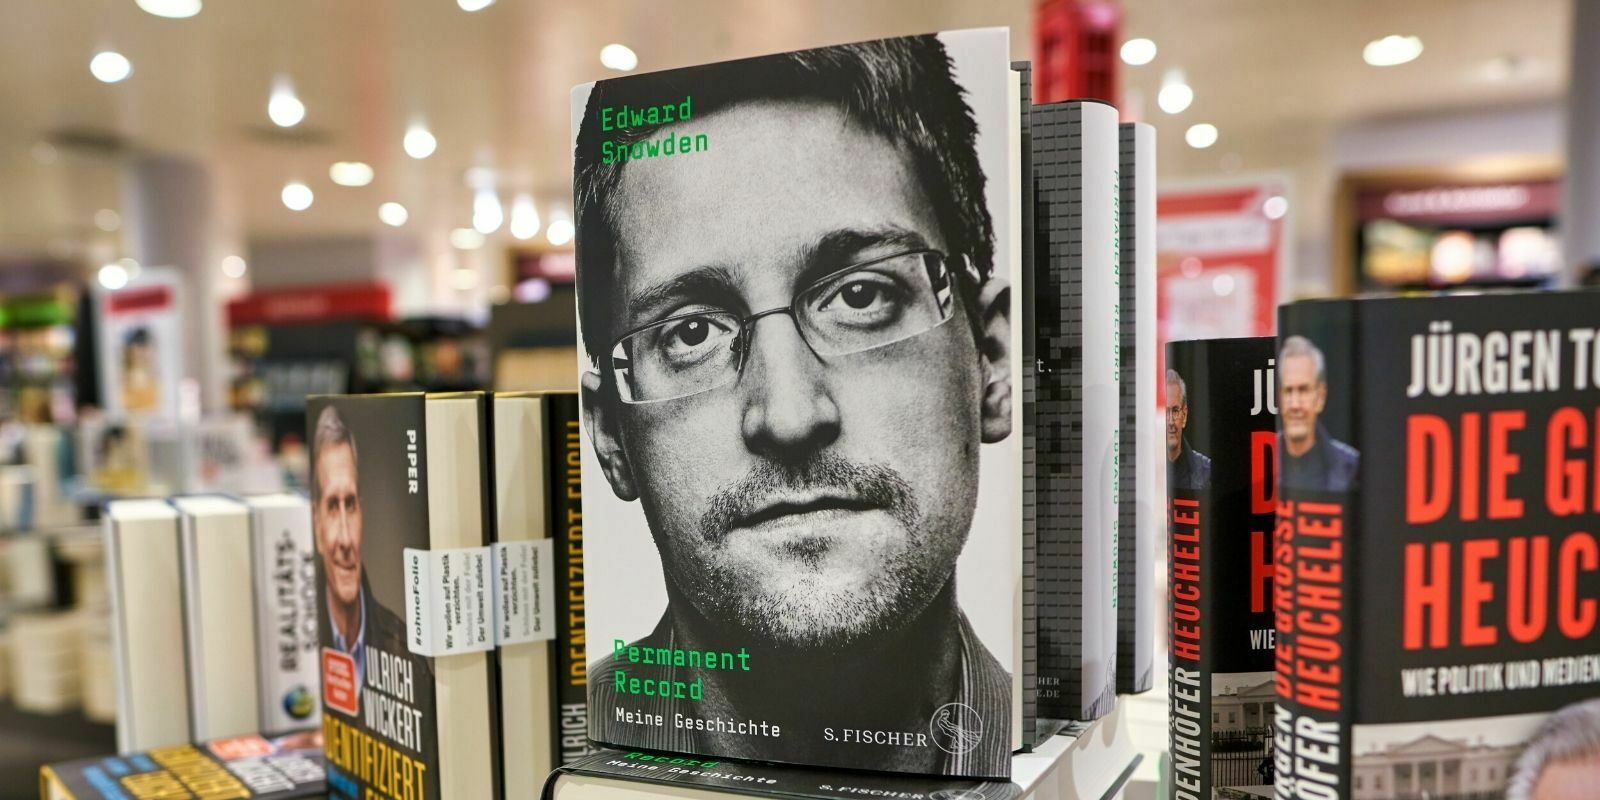 Edward Snowden a été payé 35 000 $ pour parler du Bitcoin lors de conférences